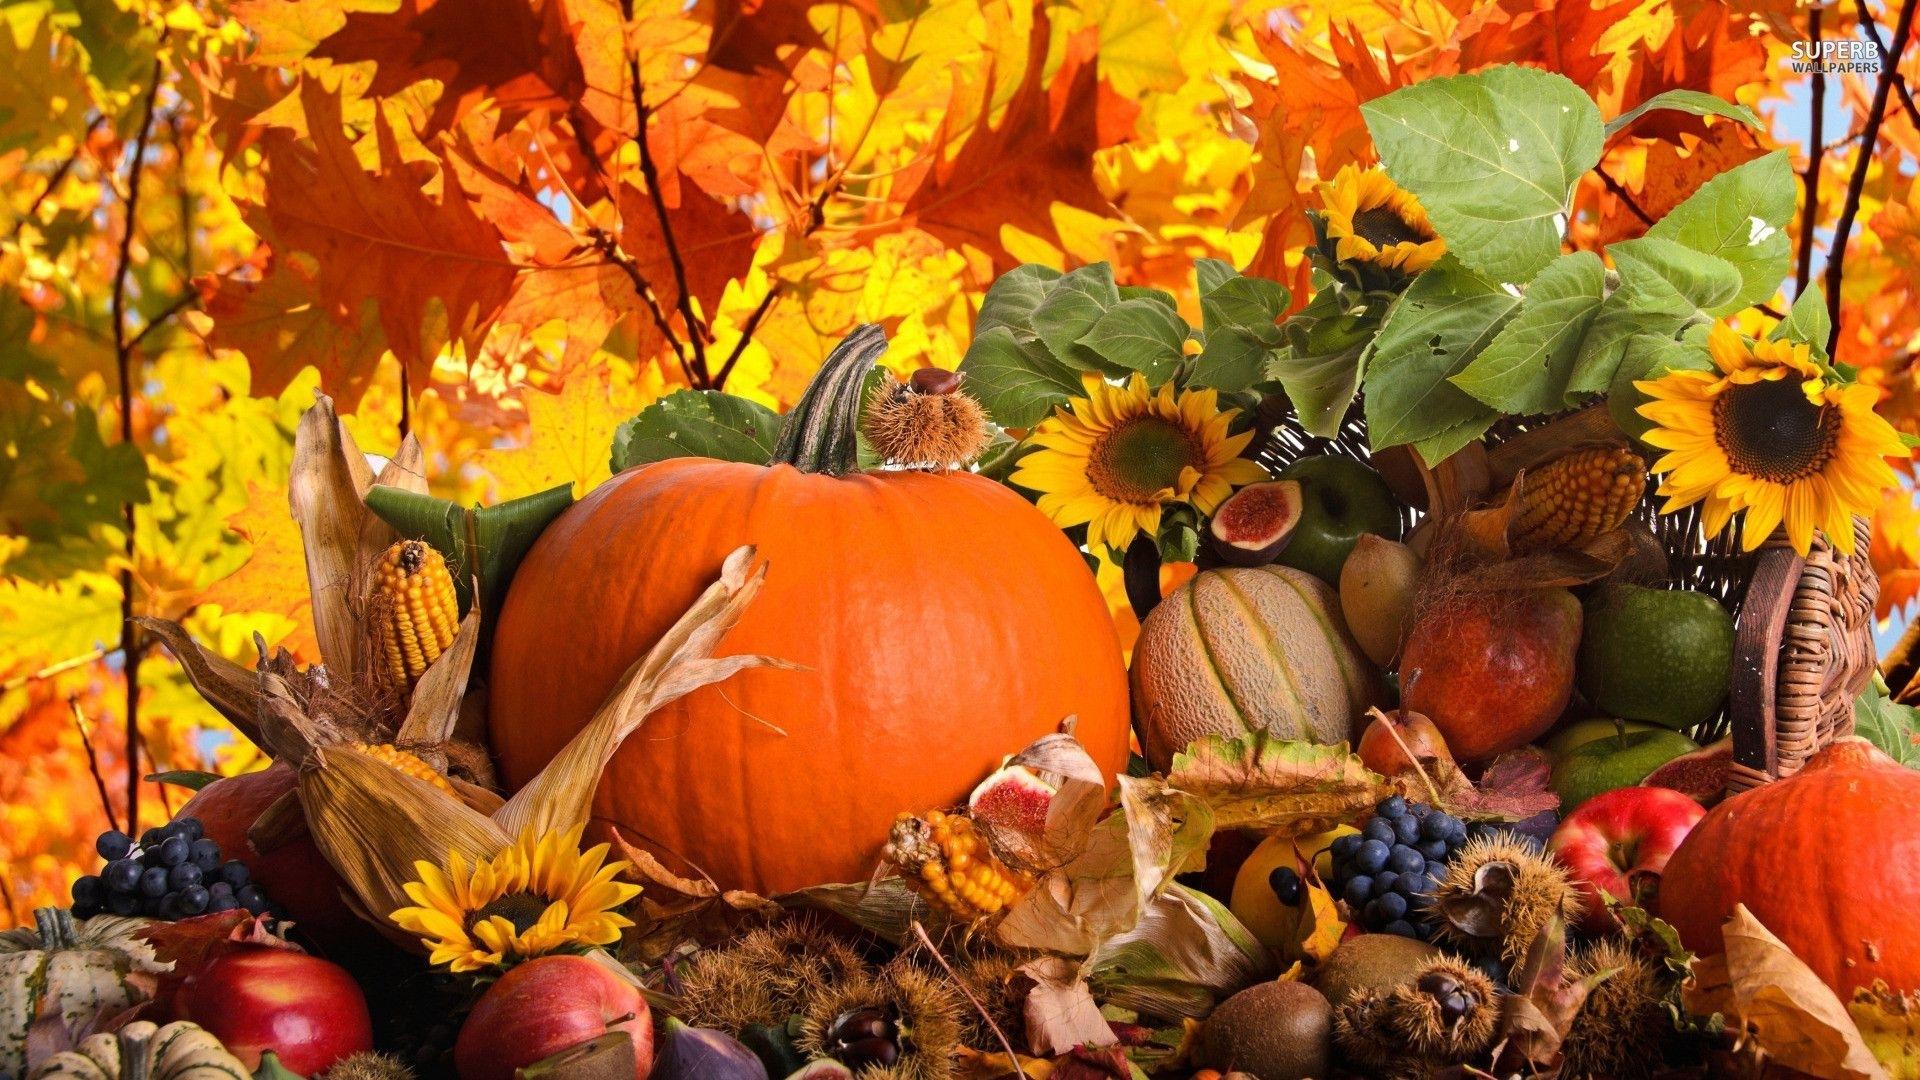 10 new autumn pumpkin desktop wallpaper full hd 1920×1080 for pc